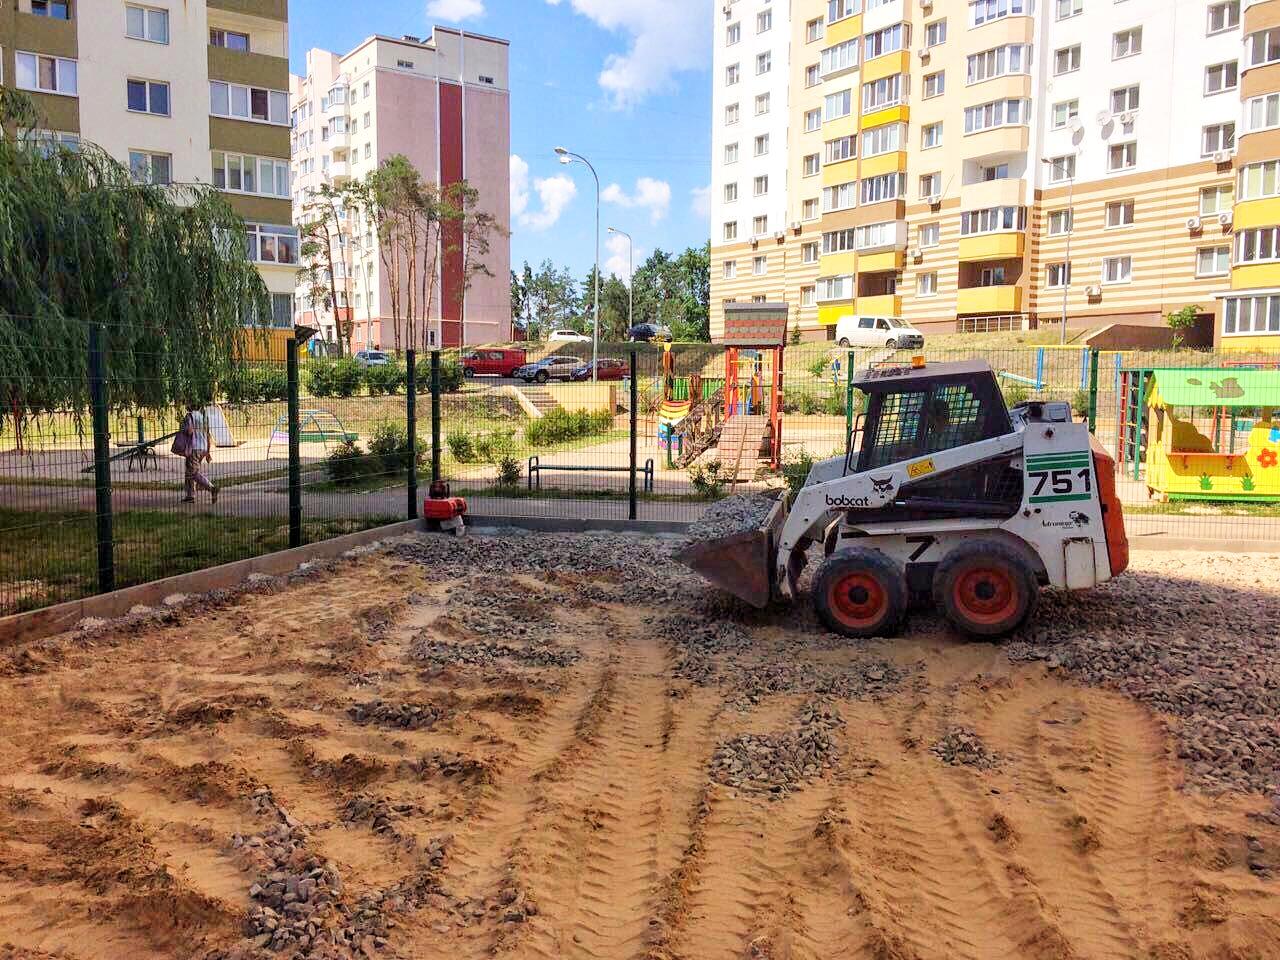 33B88544-01BB-41D5-A459-2EEE9BACE130 Обурення мешканців Українки через повільні темпи будівництва